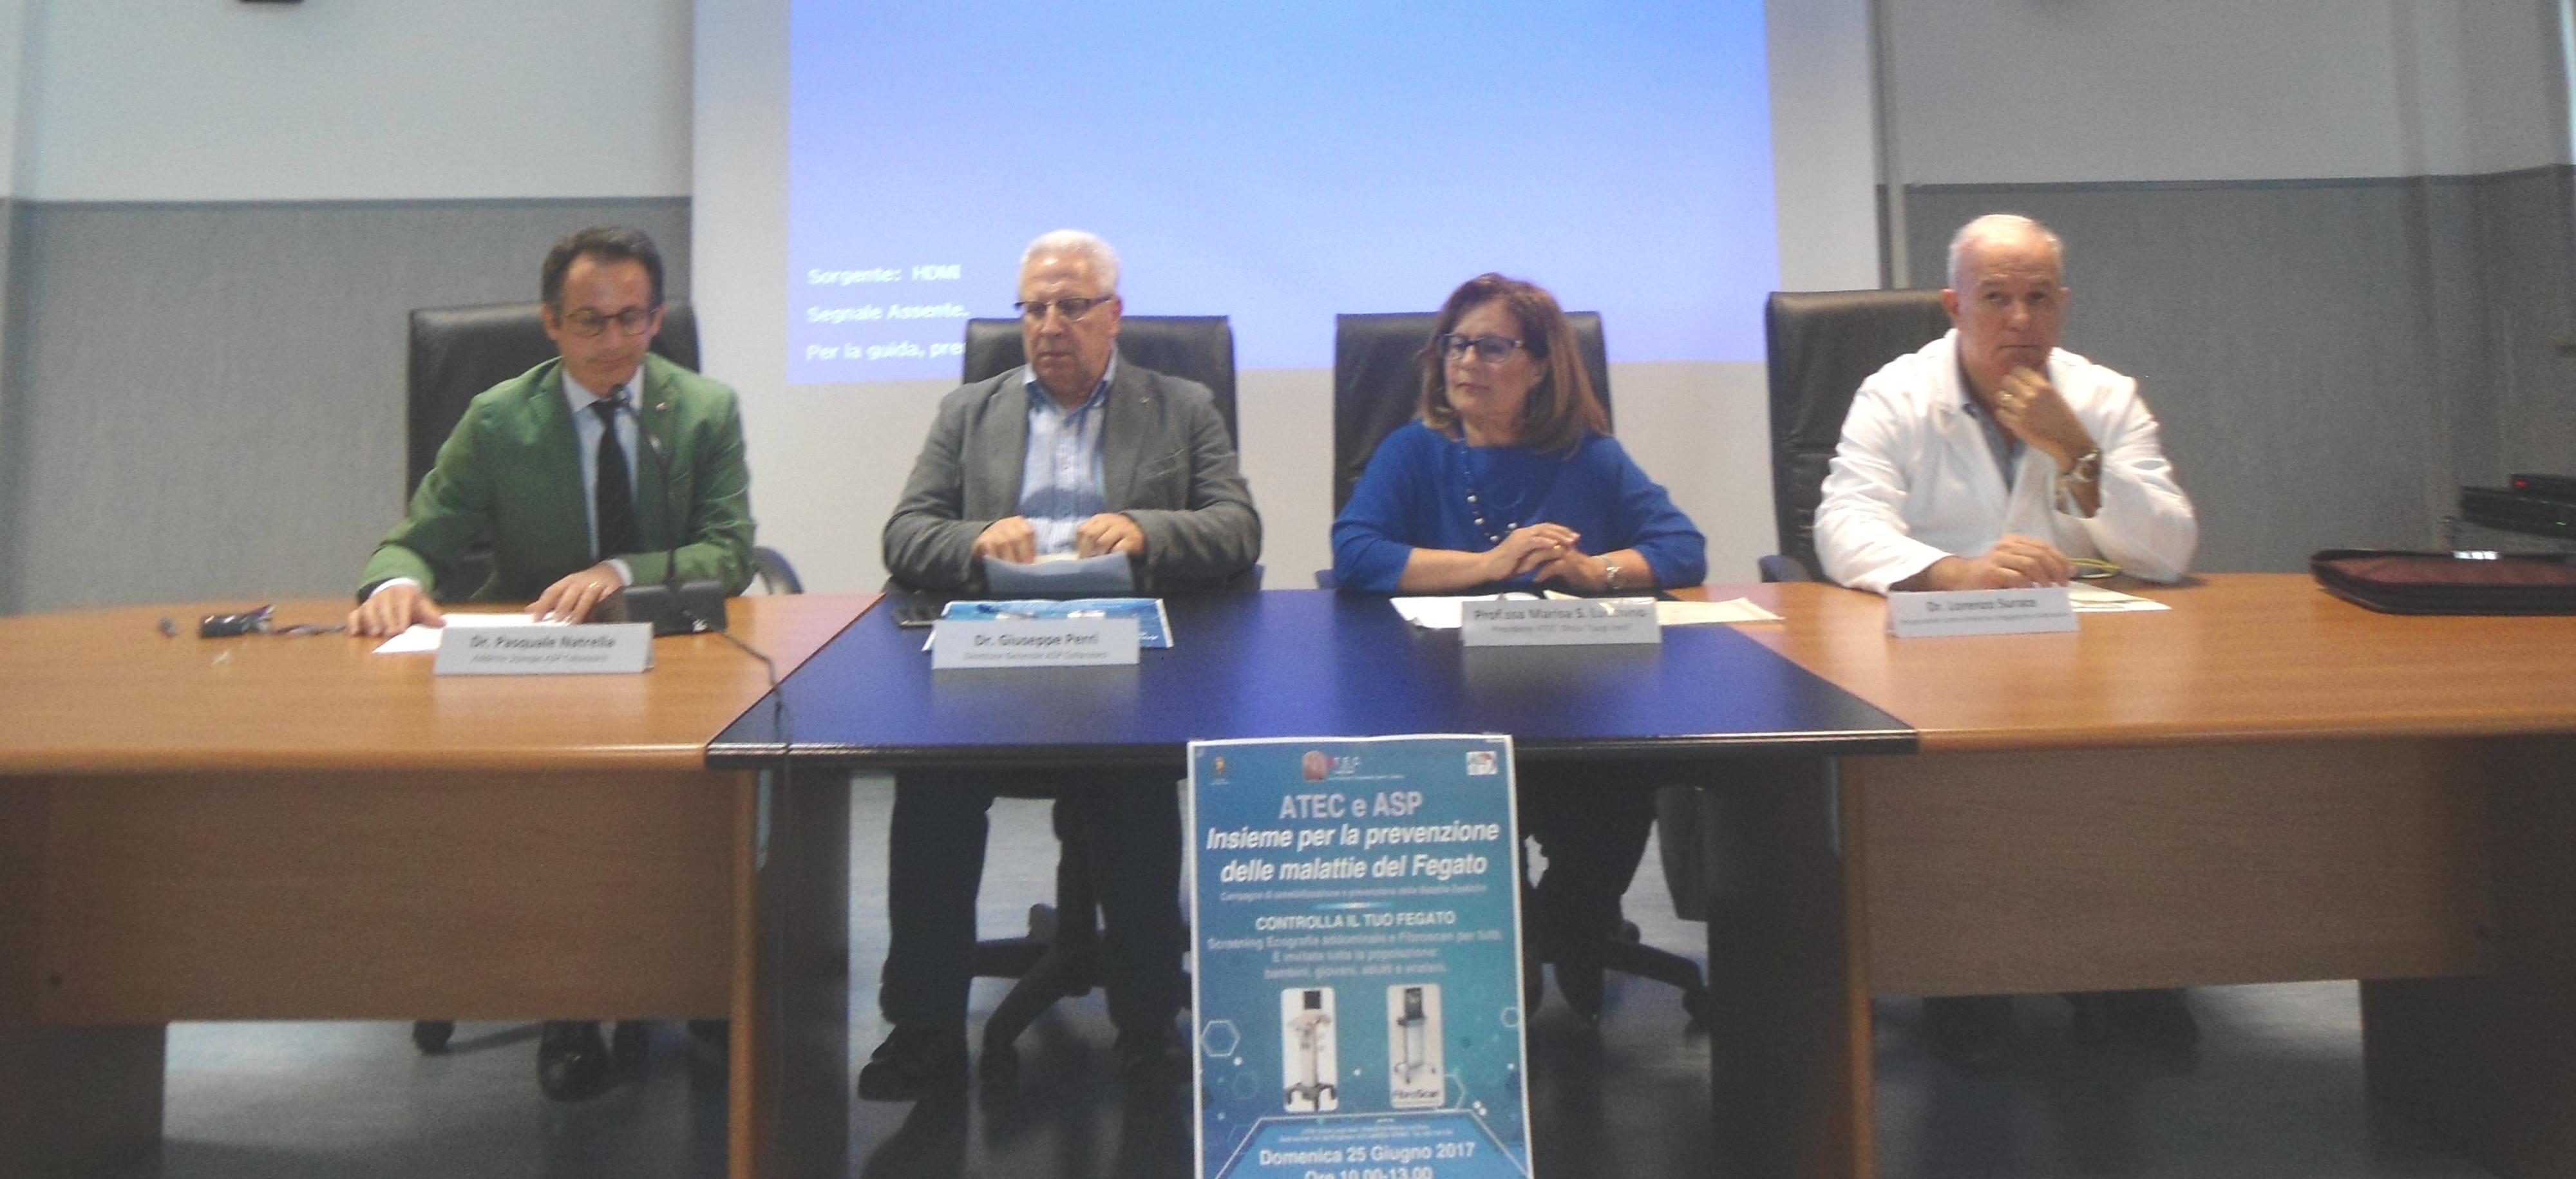 Giornata prevenzione malattie del Fegato - LameziaeTerme.it